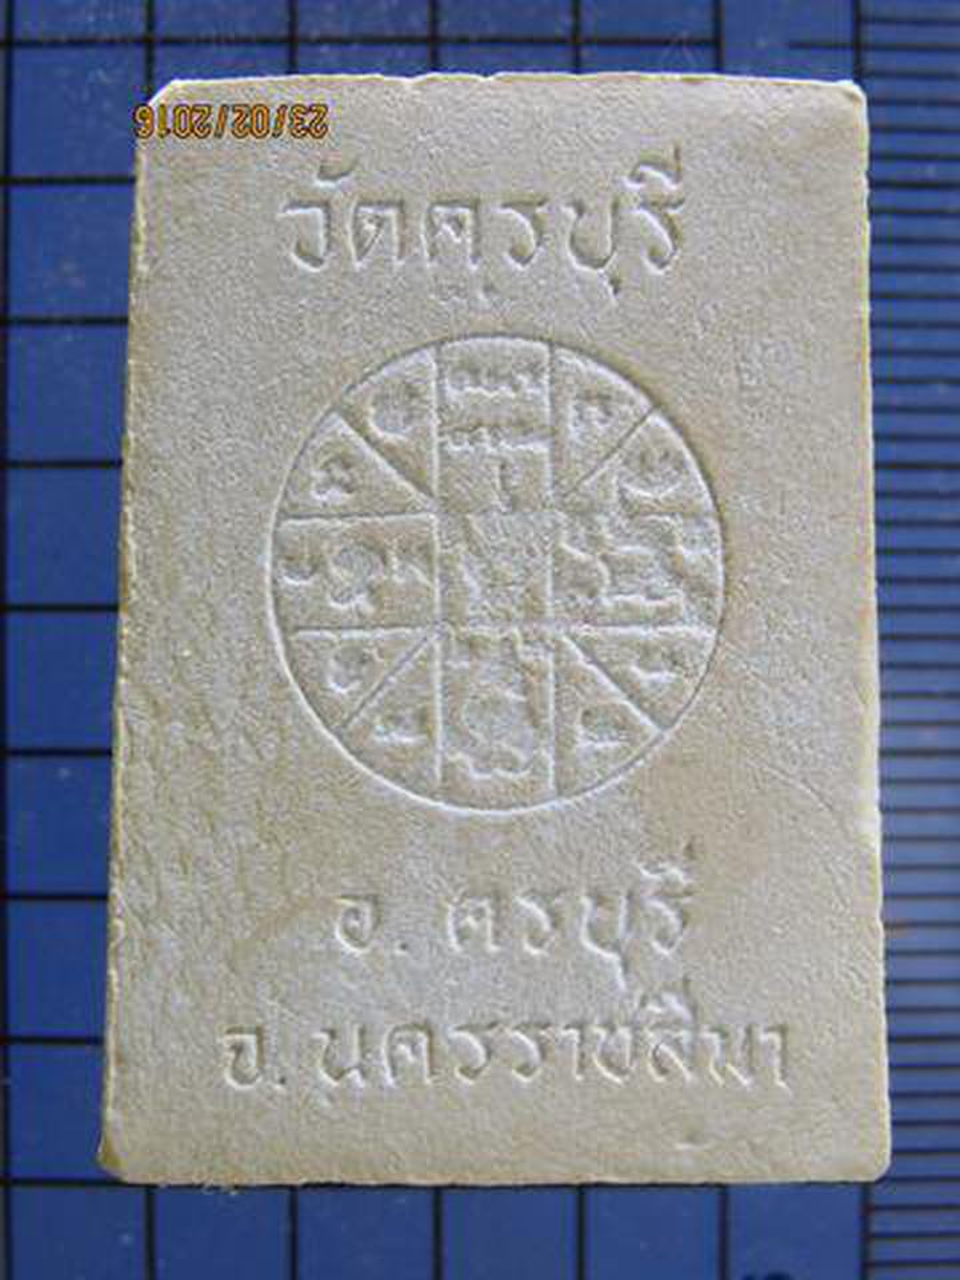 3155 พระผงรูปเหมือนรุ่นแรก หลวงปู่นิล อิสสริโก วัดครบุรี อ.ค รูปที่ 2